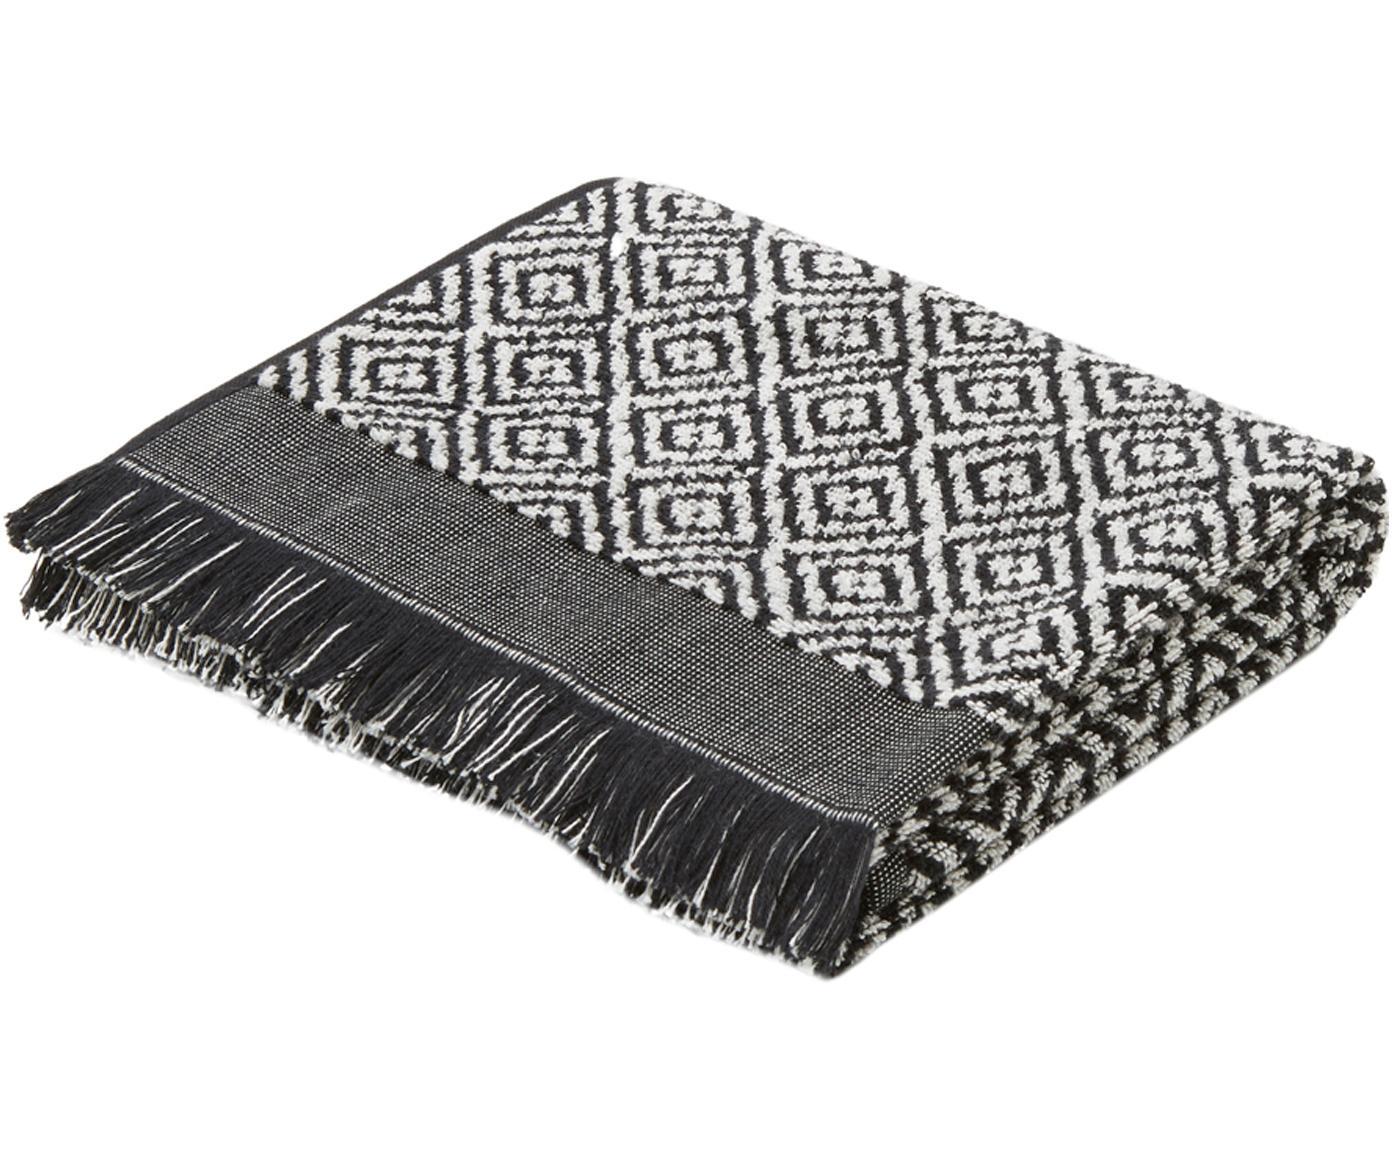 Handtuch Morocco in verschiedenen Grössen, mit Rautenmuster, Schwarz, Weiss, Handtuch